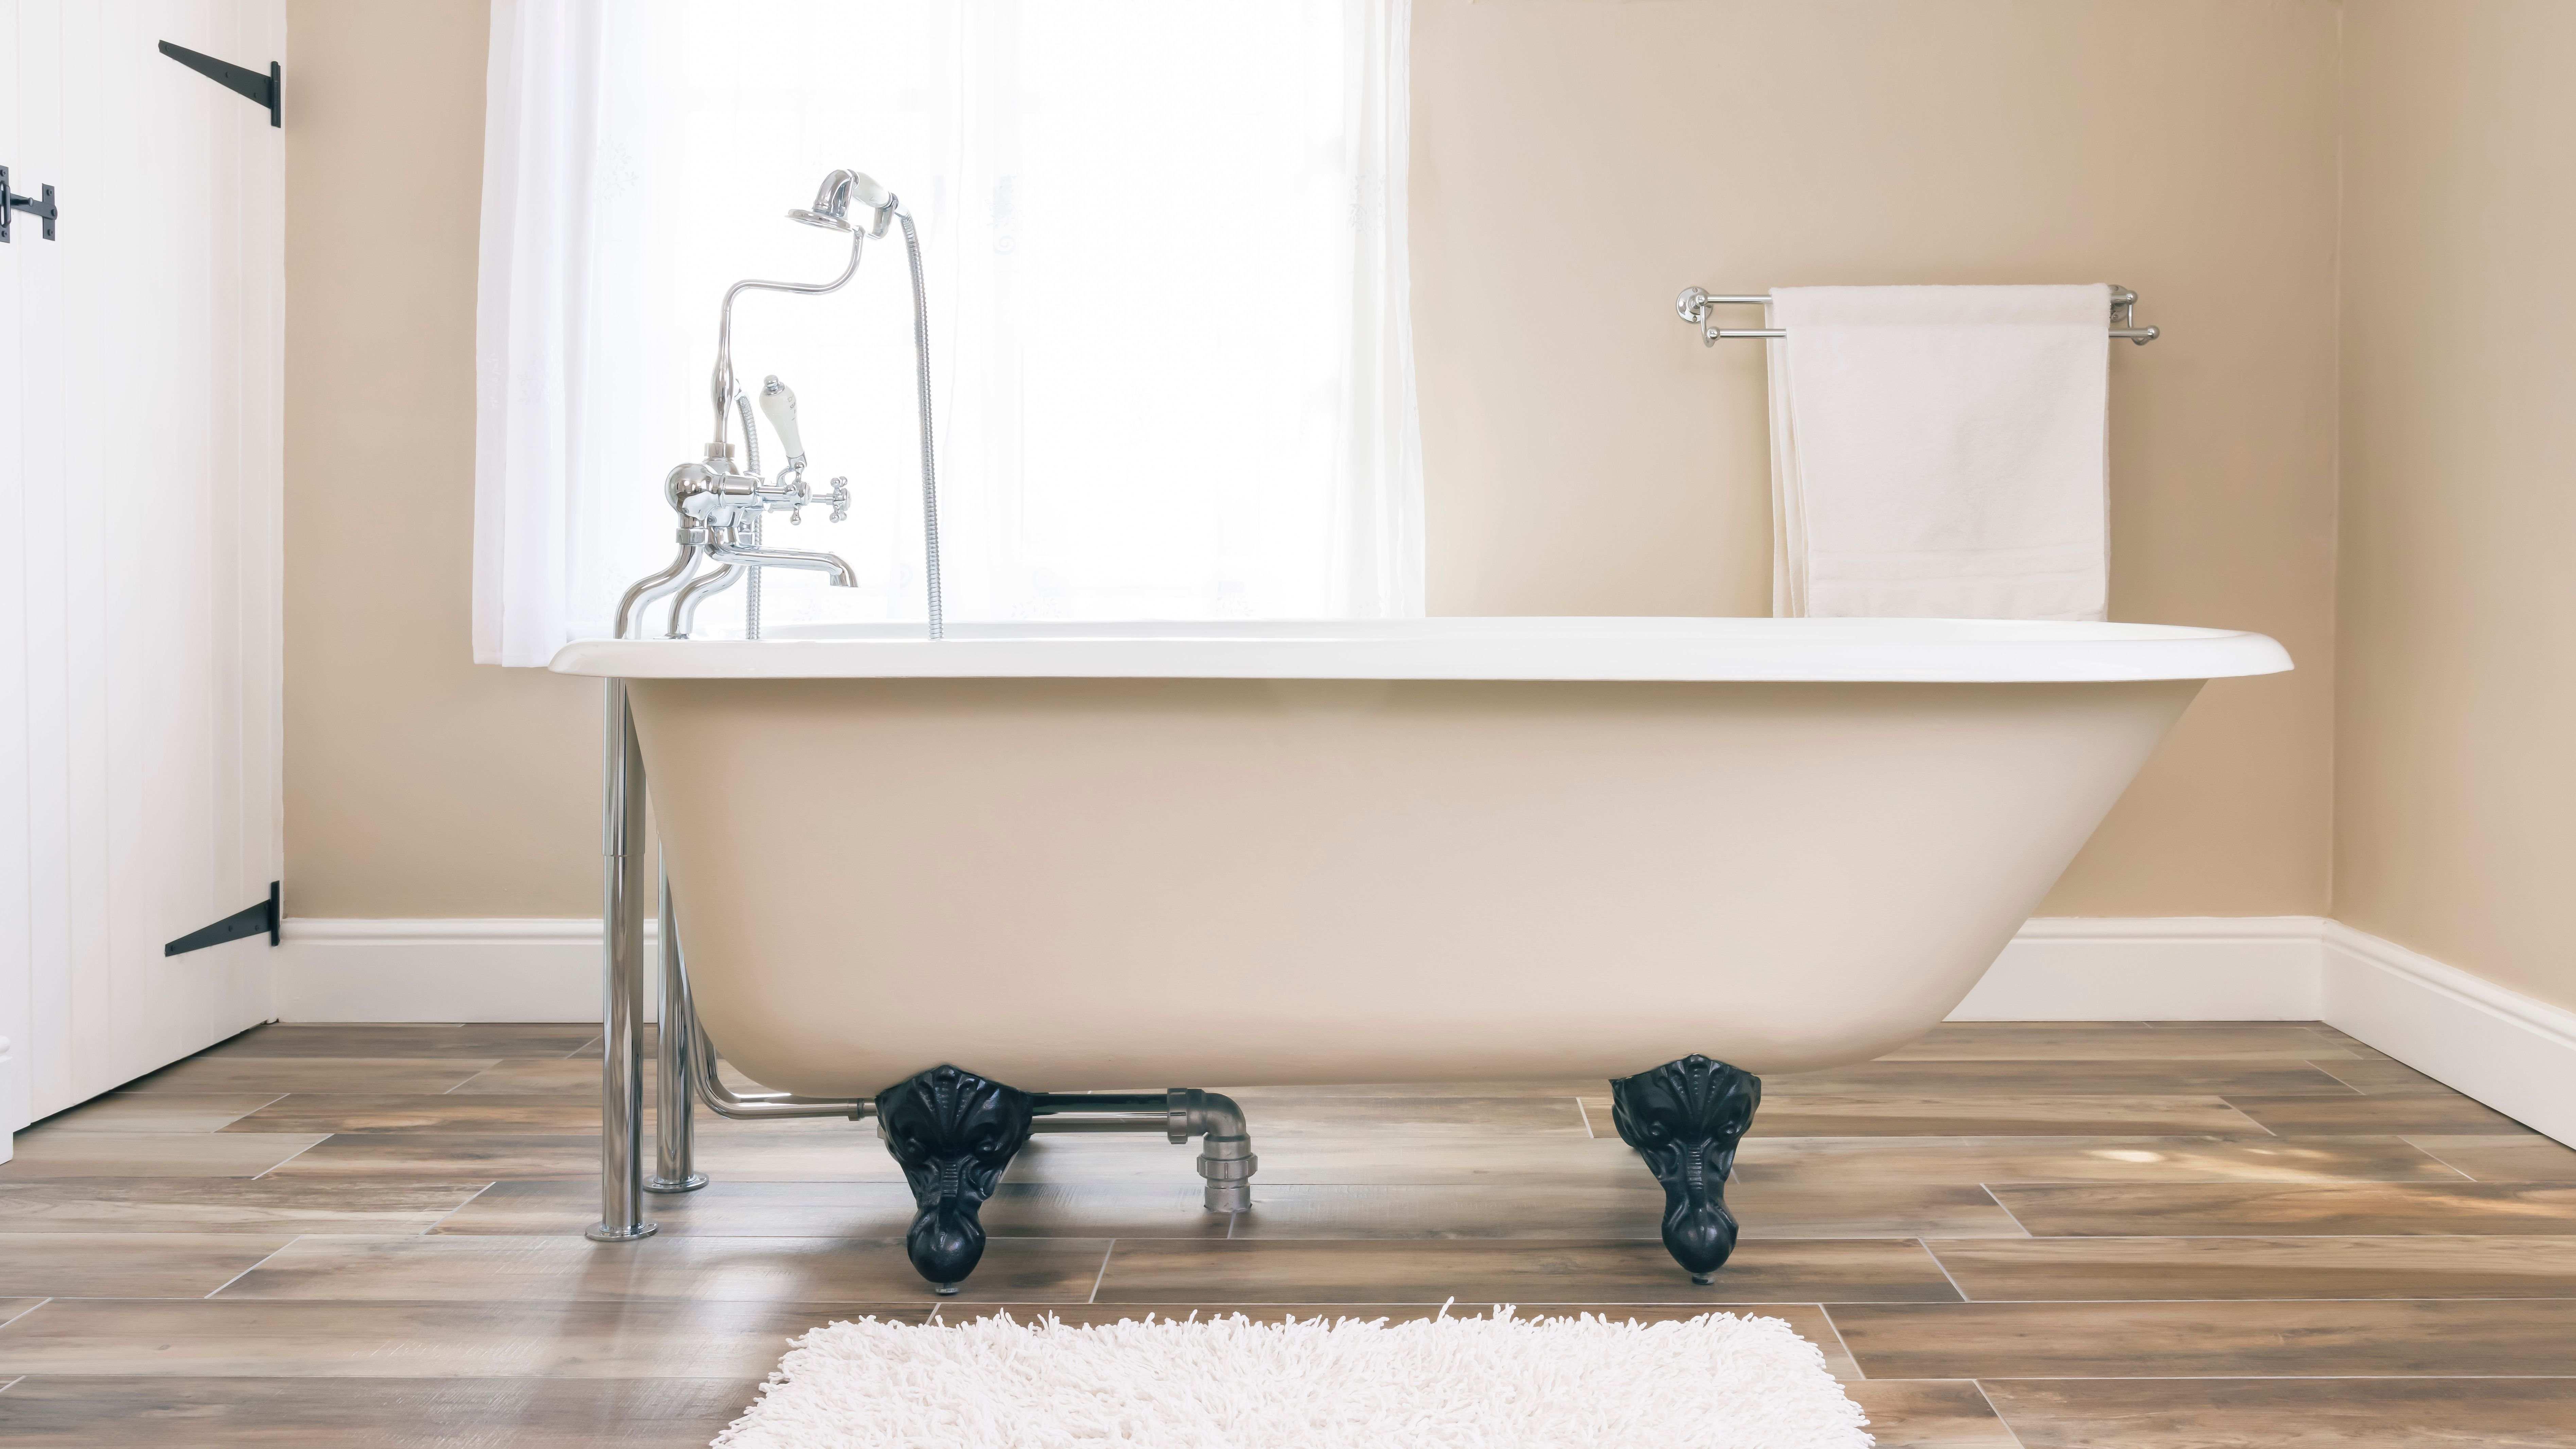 Vasca da bagno: prezzi, materiali e marche